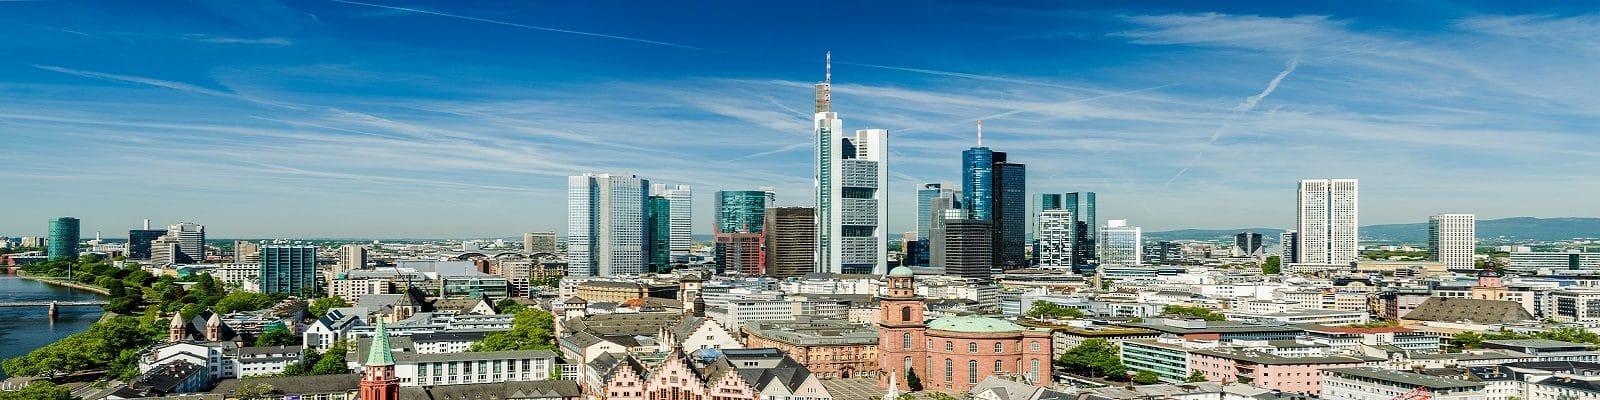 Blick über die Finanzmetropole Frankfurt am Main mit Skyline